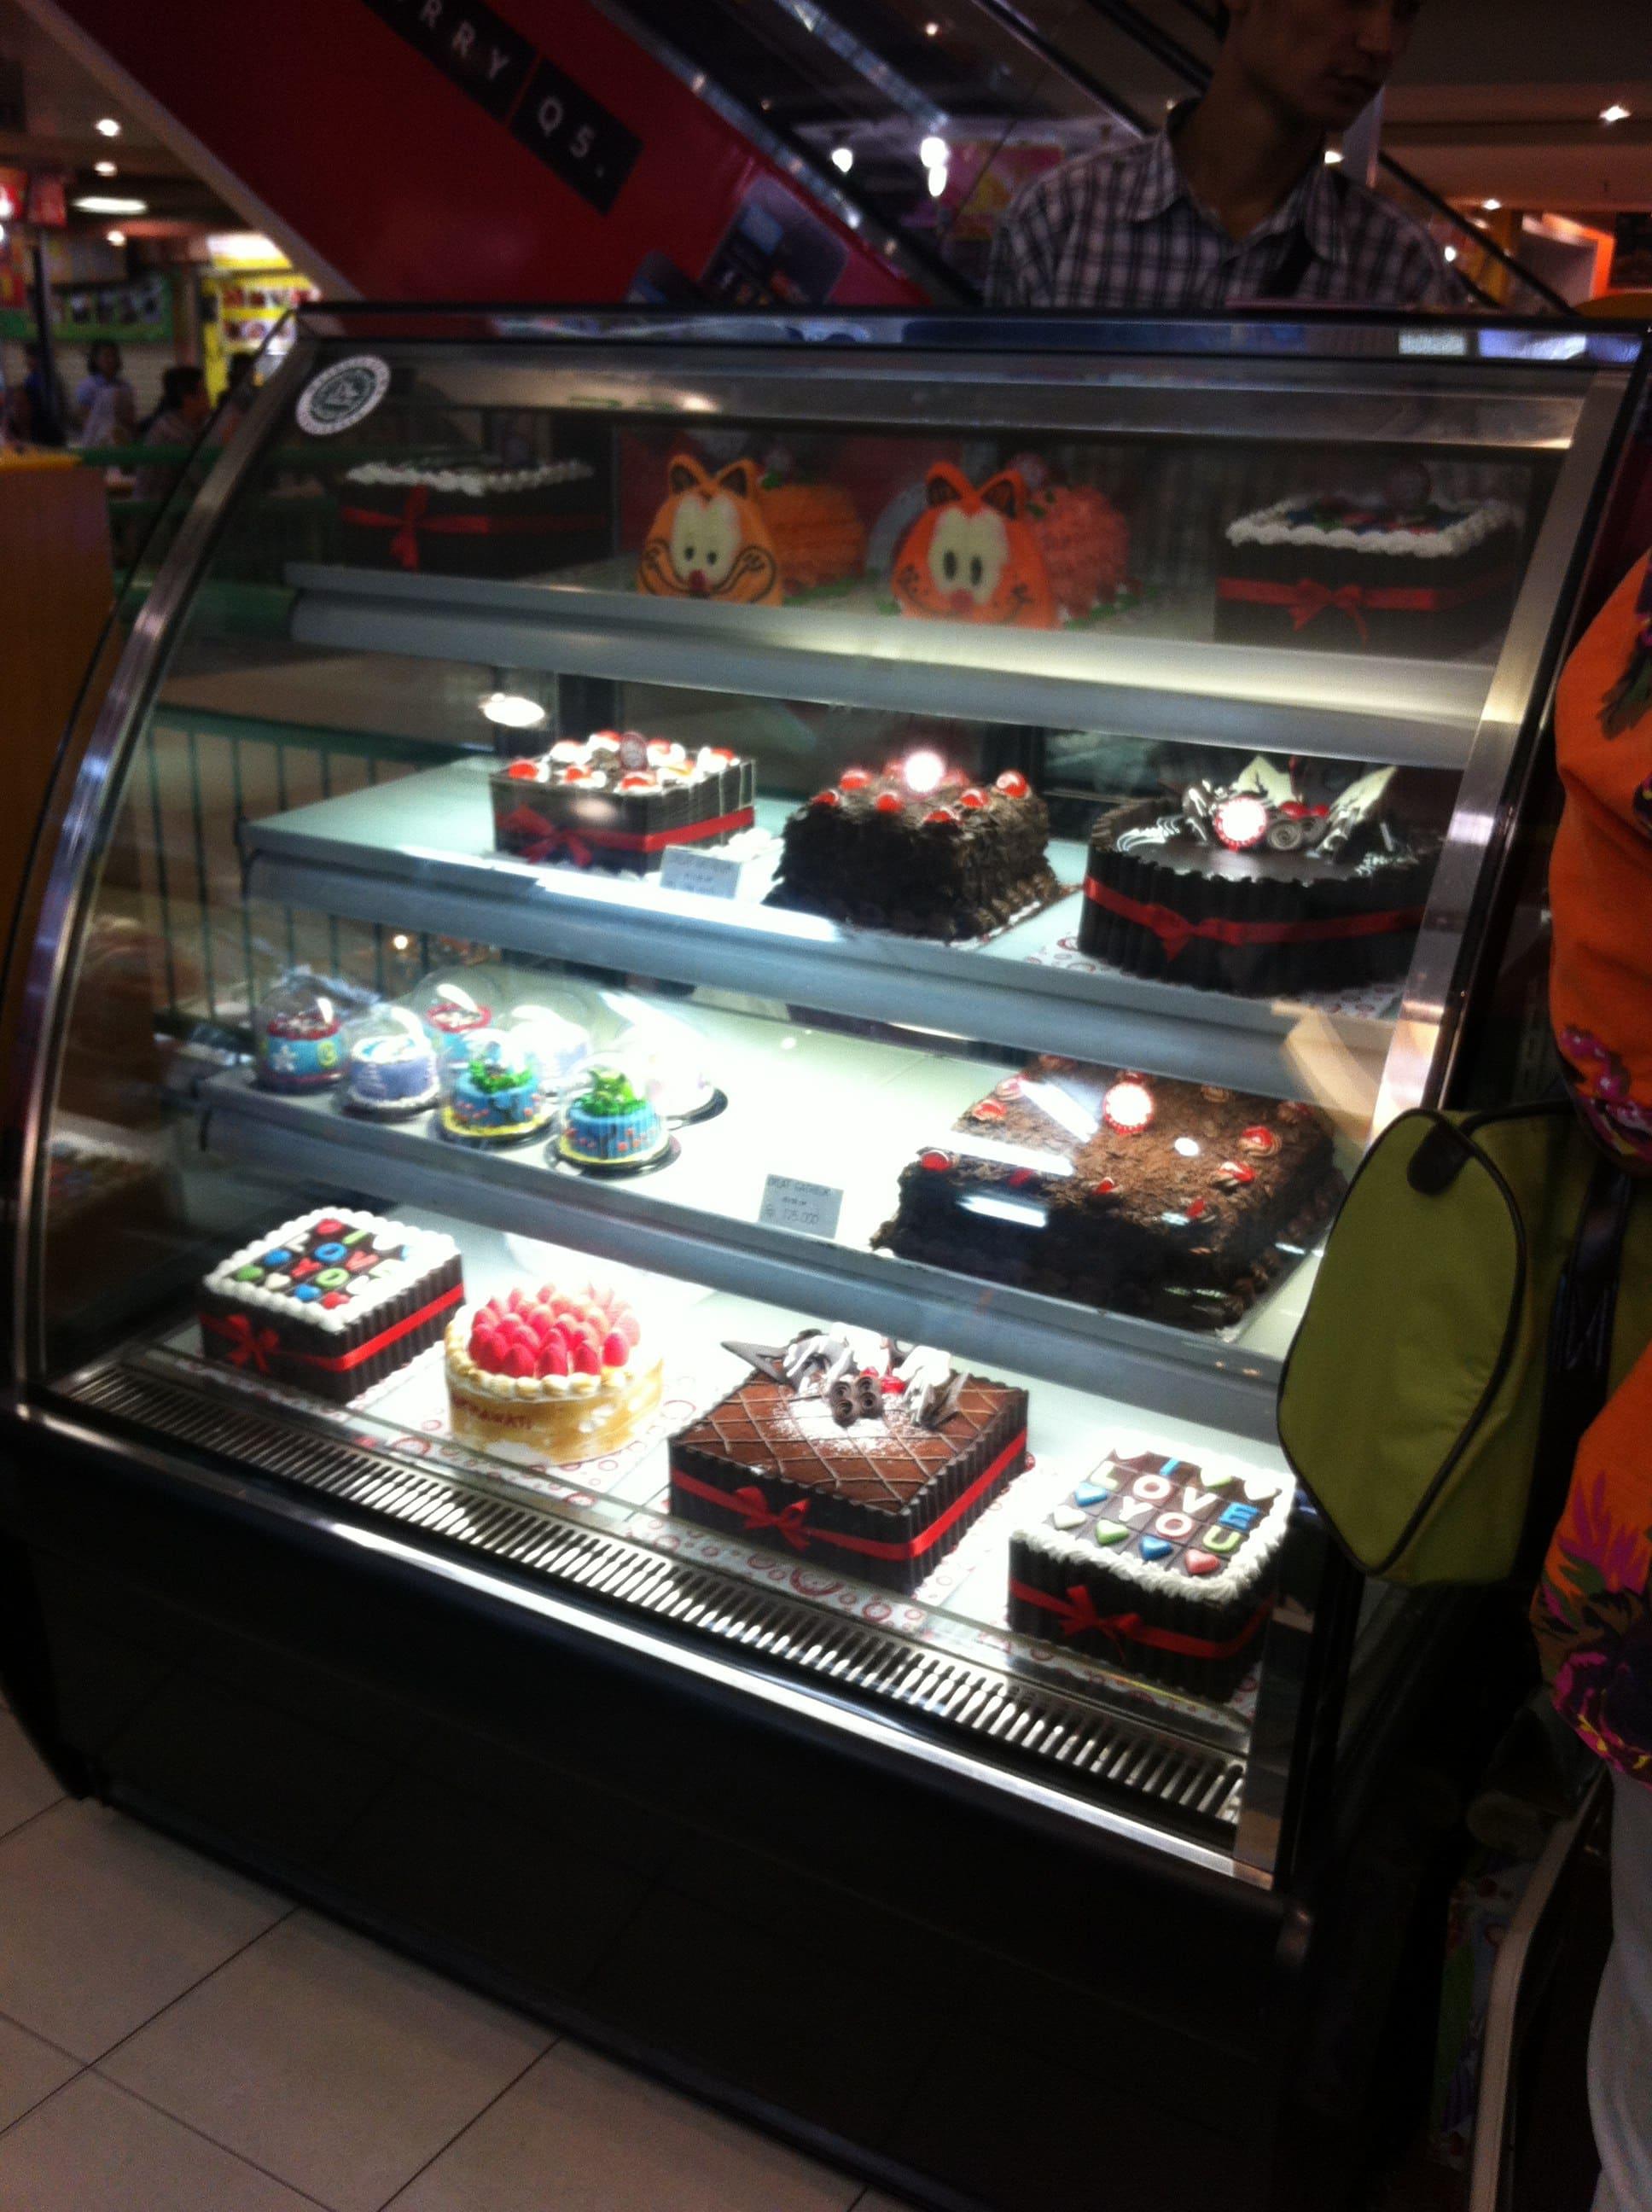 Domino Cake Photos Pictures of Domino Cake Fatmawati Jakarta